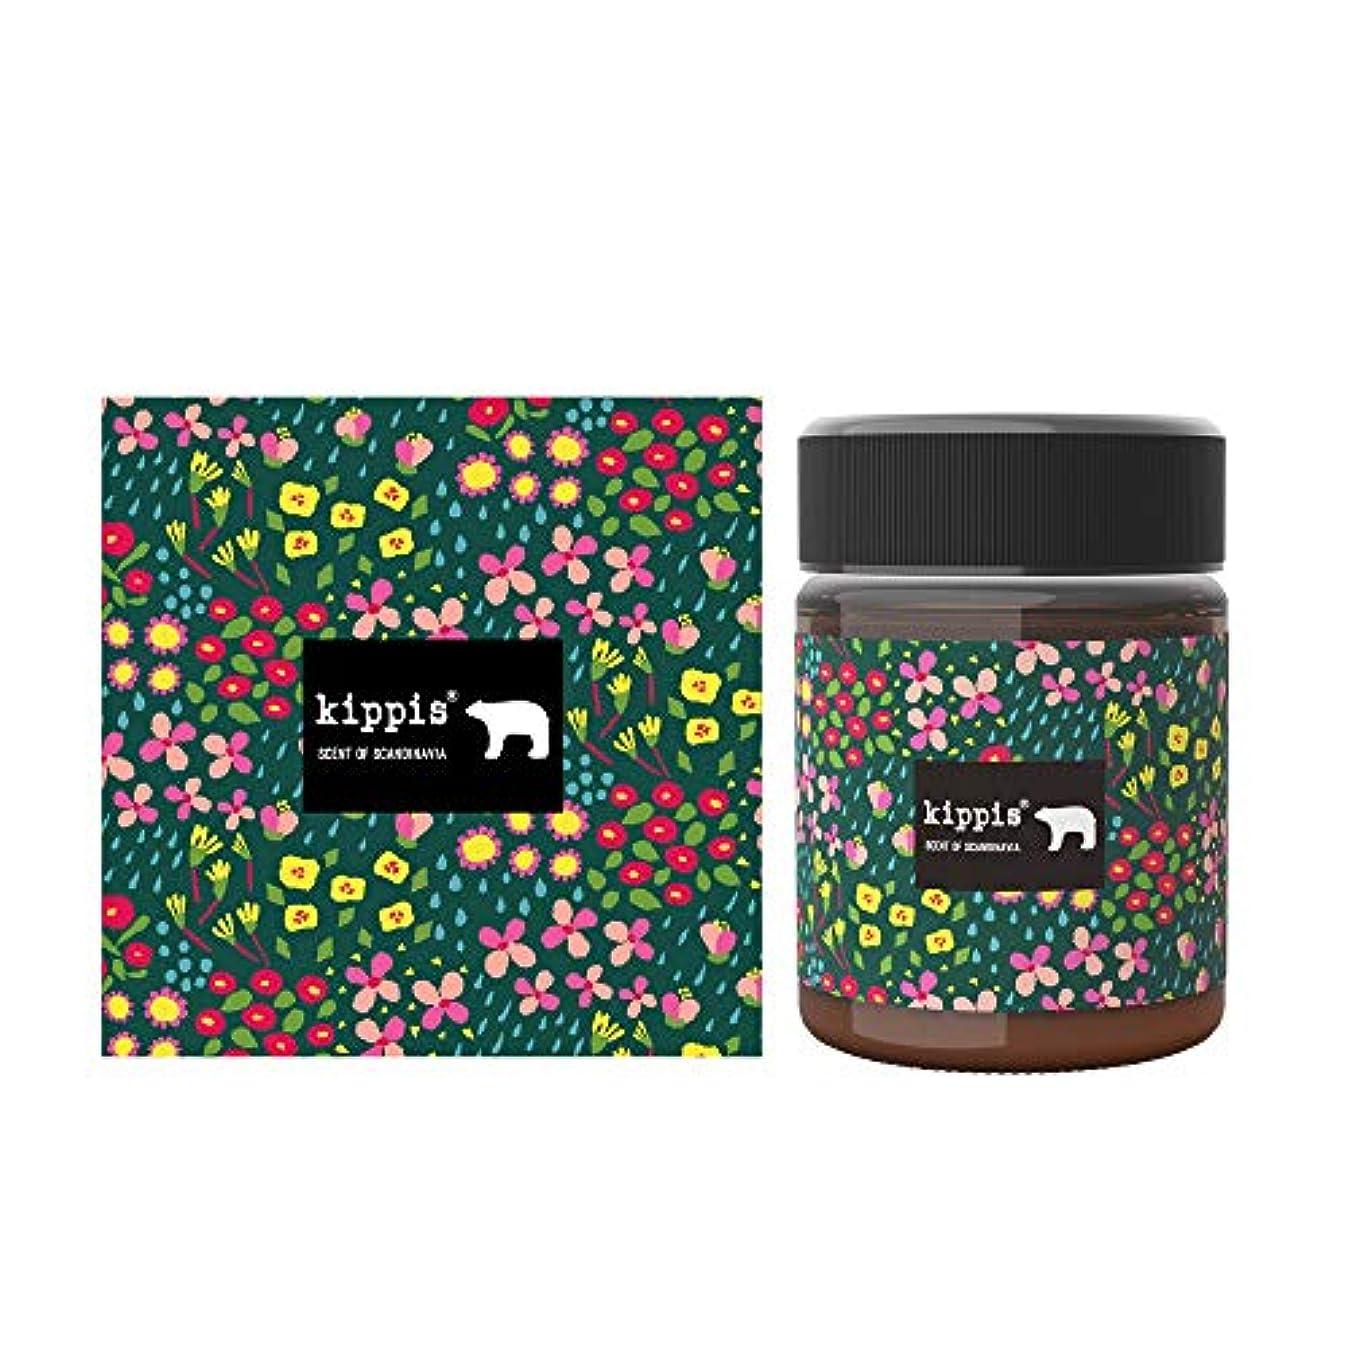 ポジションシティ裂け目キッピス 髪と肌のトリートメントワックス(風香る森の花々の香り)40g